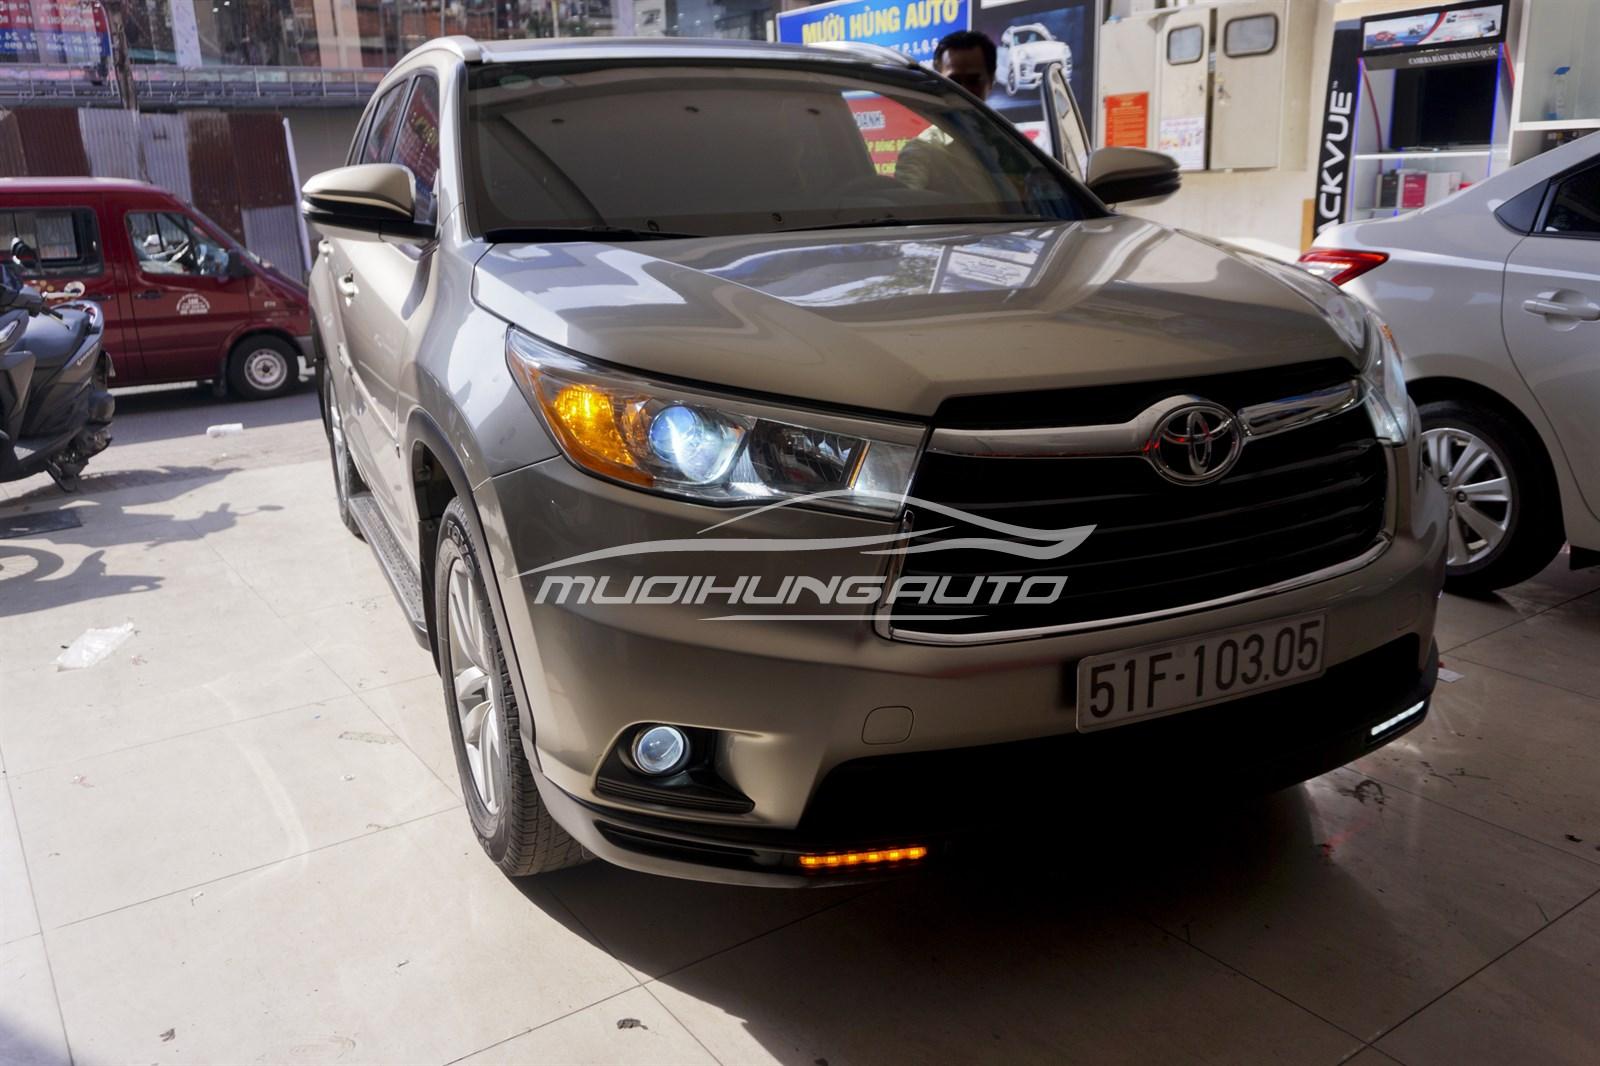 Thay đèn pha nguyên bộ Toyota Hinglander 2015